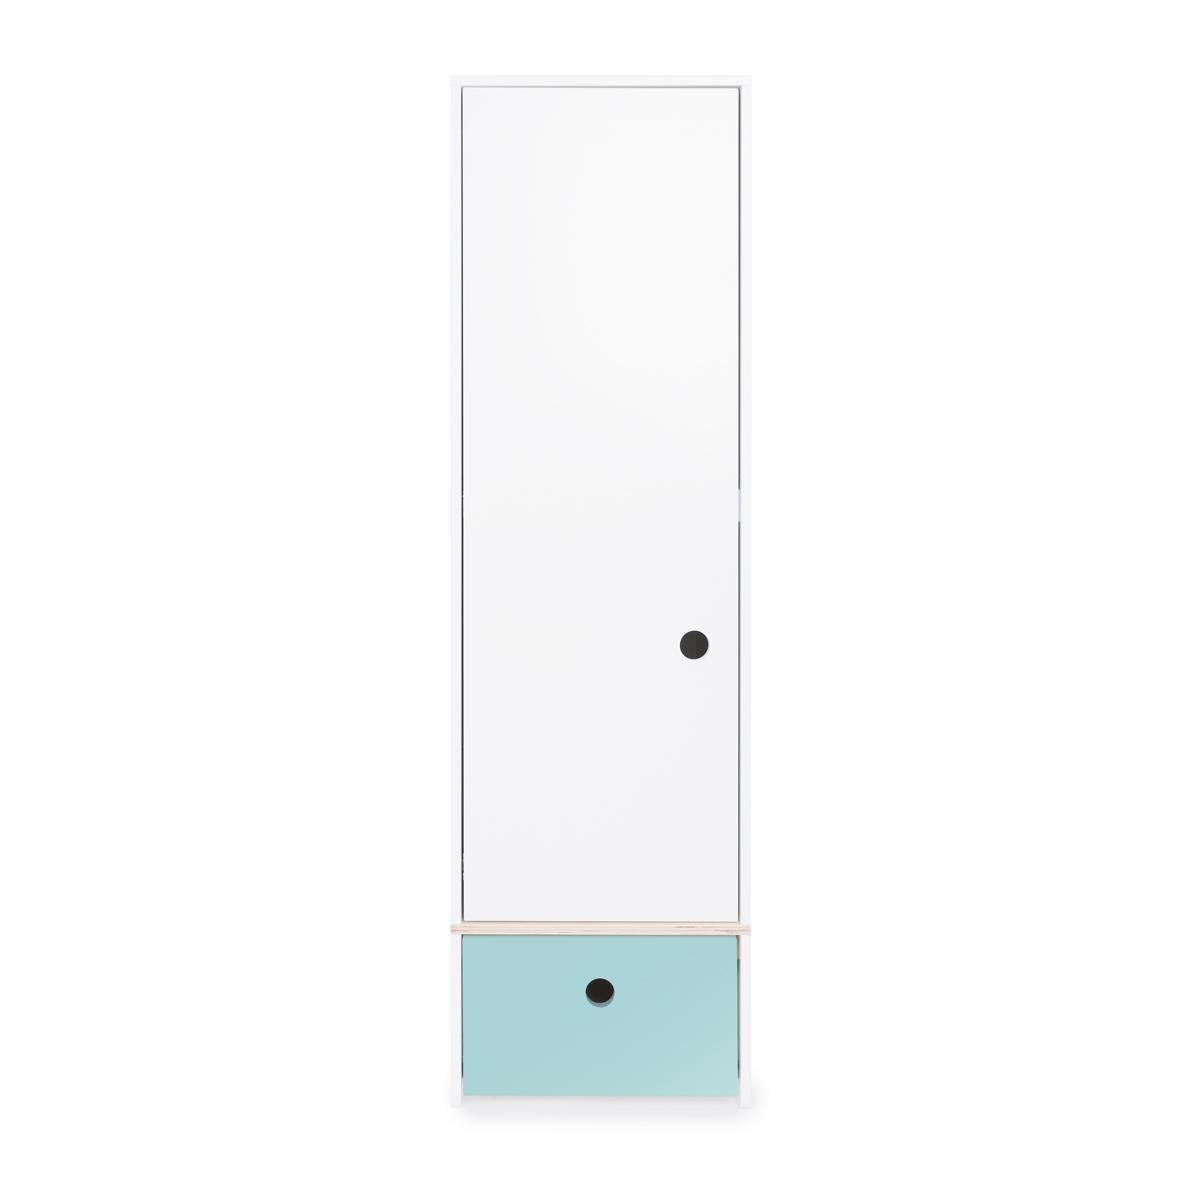 Armoire 1 porte COLORFLEX façade tiroir sky blue